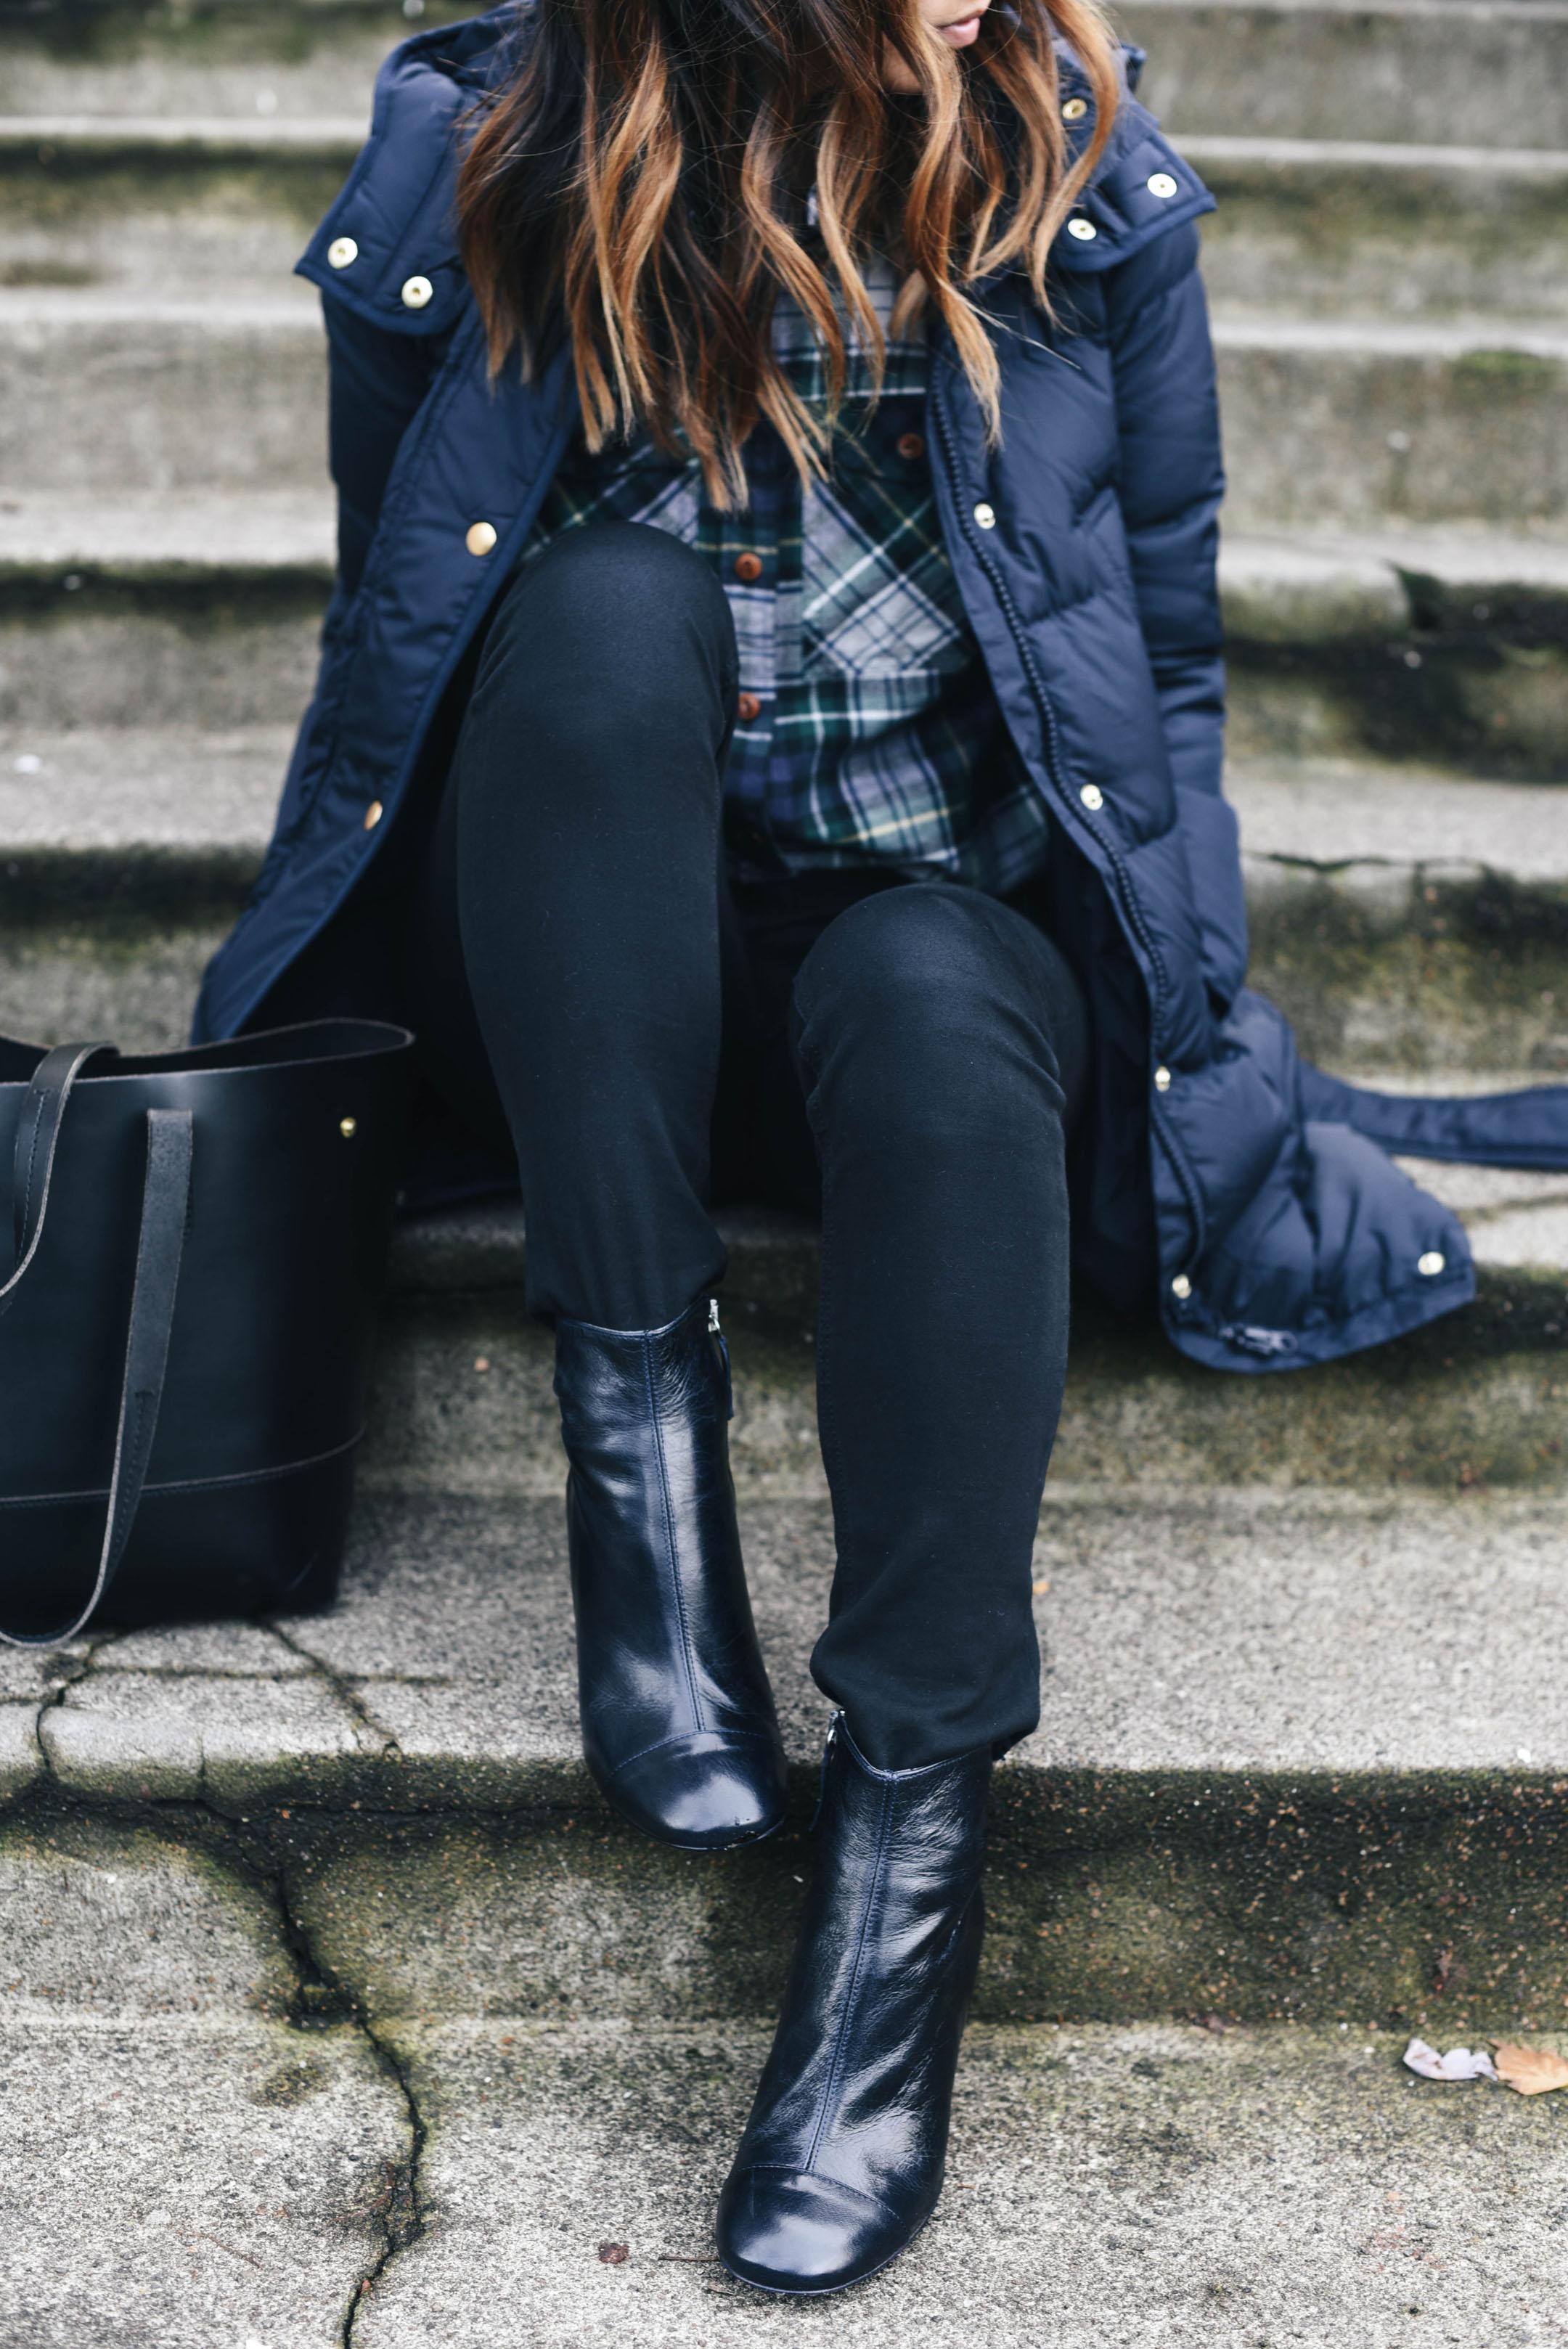 zara-navy-leather-booties